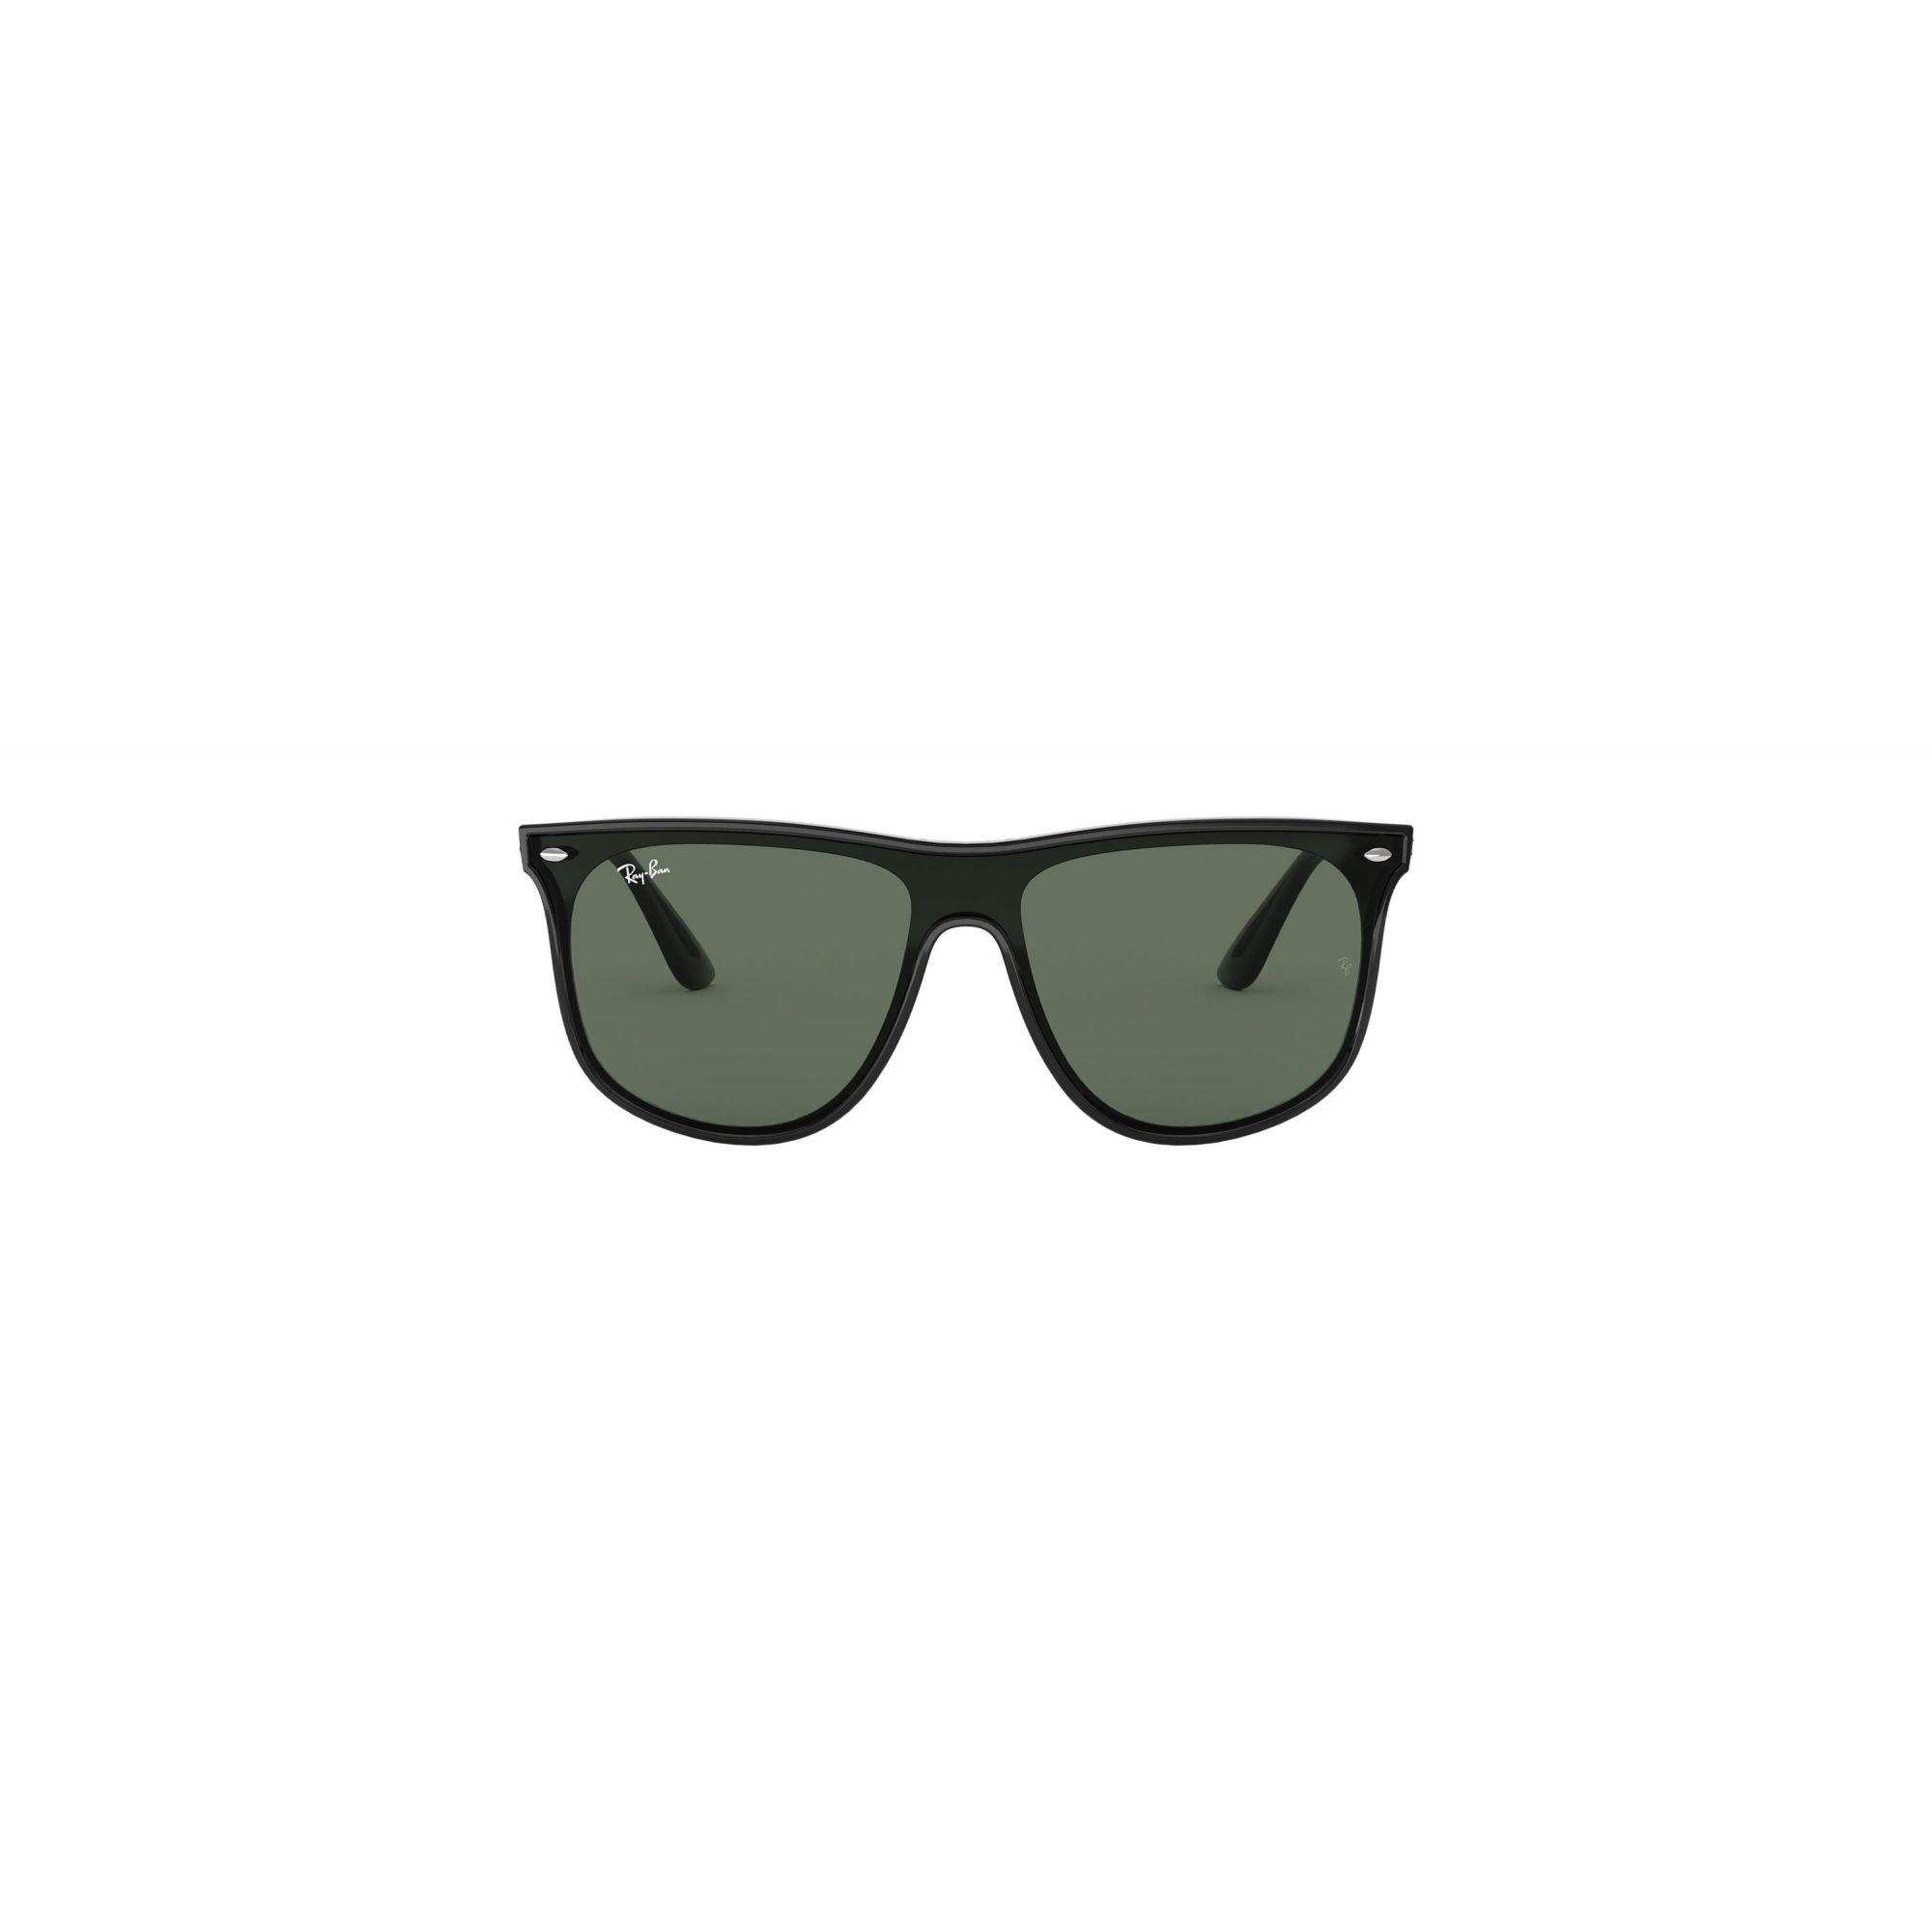 475cd0cd32fe0 Óculos de sol Ray-Ban RB4447-N 601 71 - Omega Ótica e Relojoaria